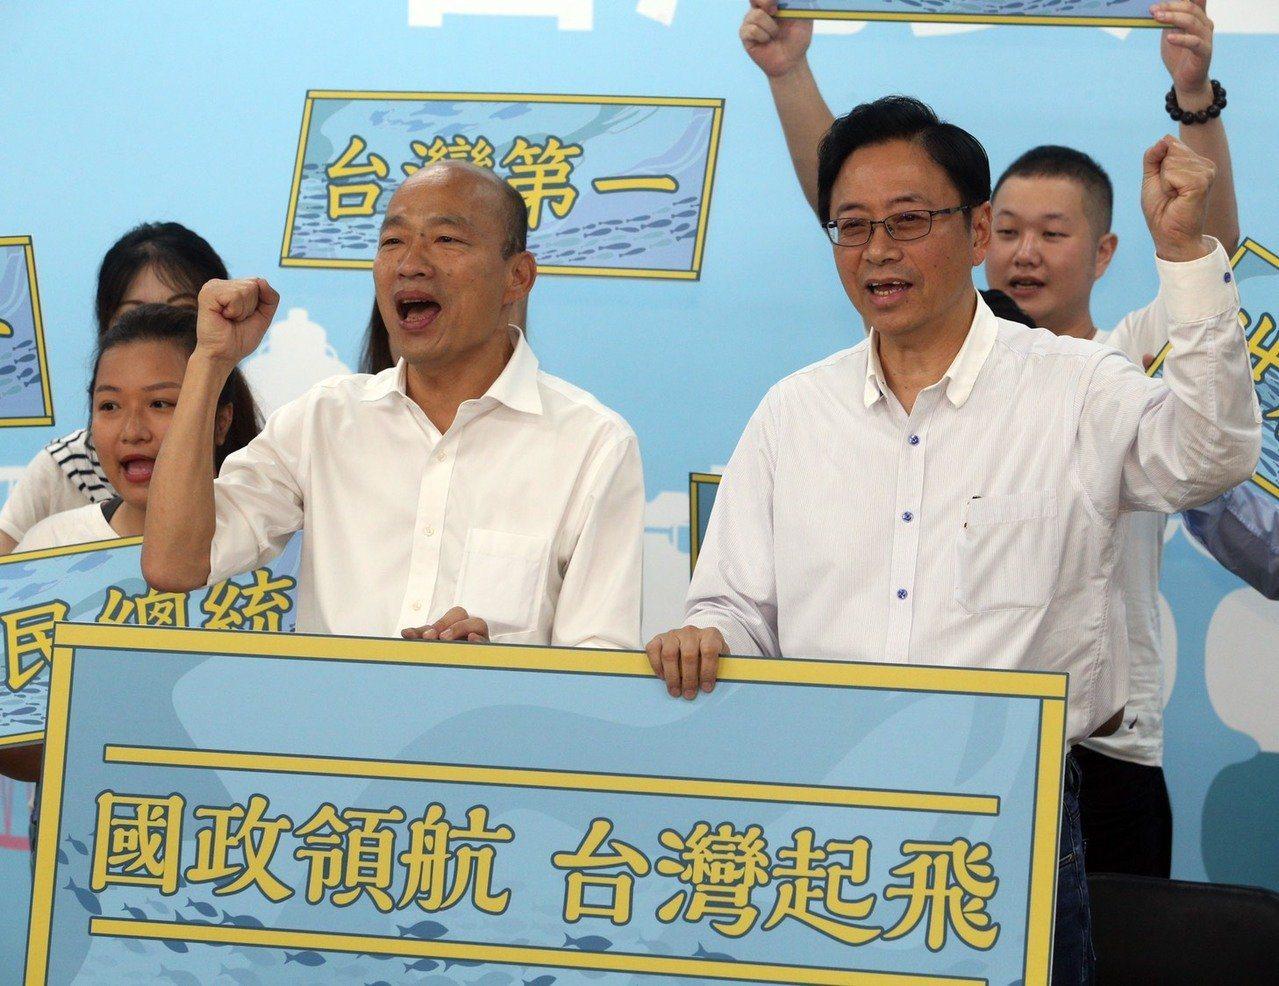 國民黨總統參選人韓國瑜(左)及副總統搭檔張善政(右)。報系資料照片